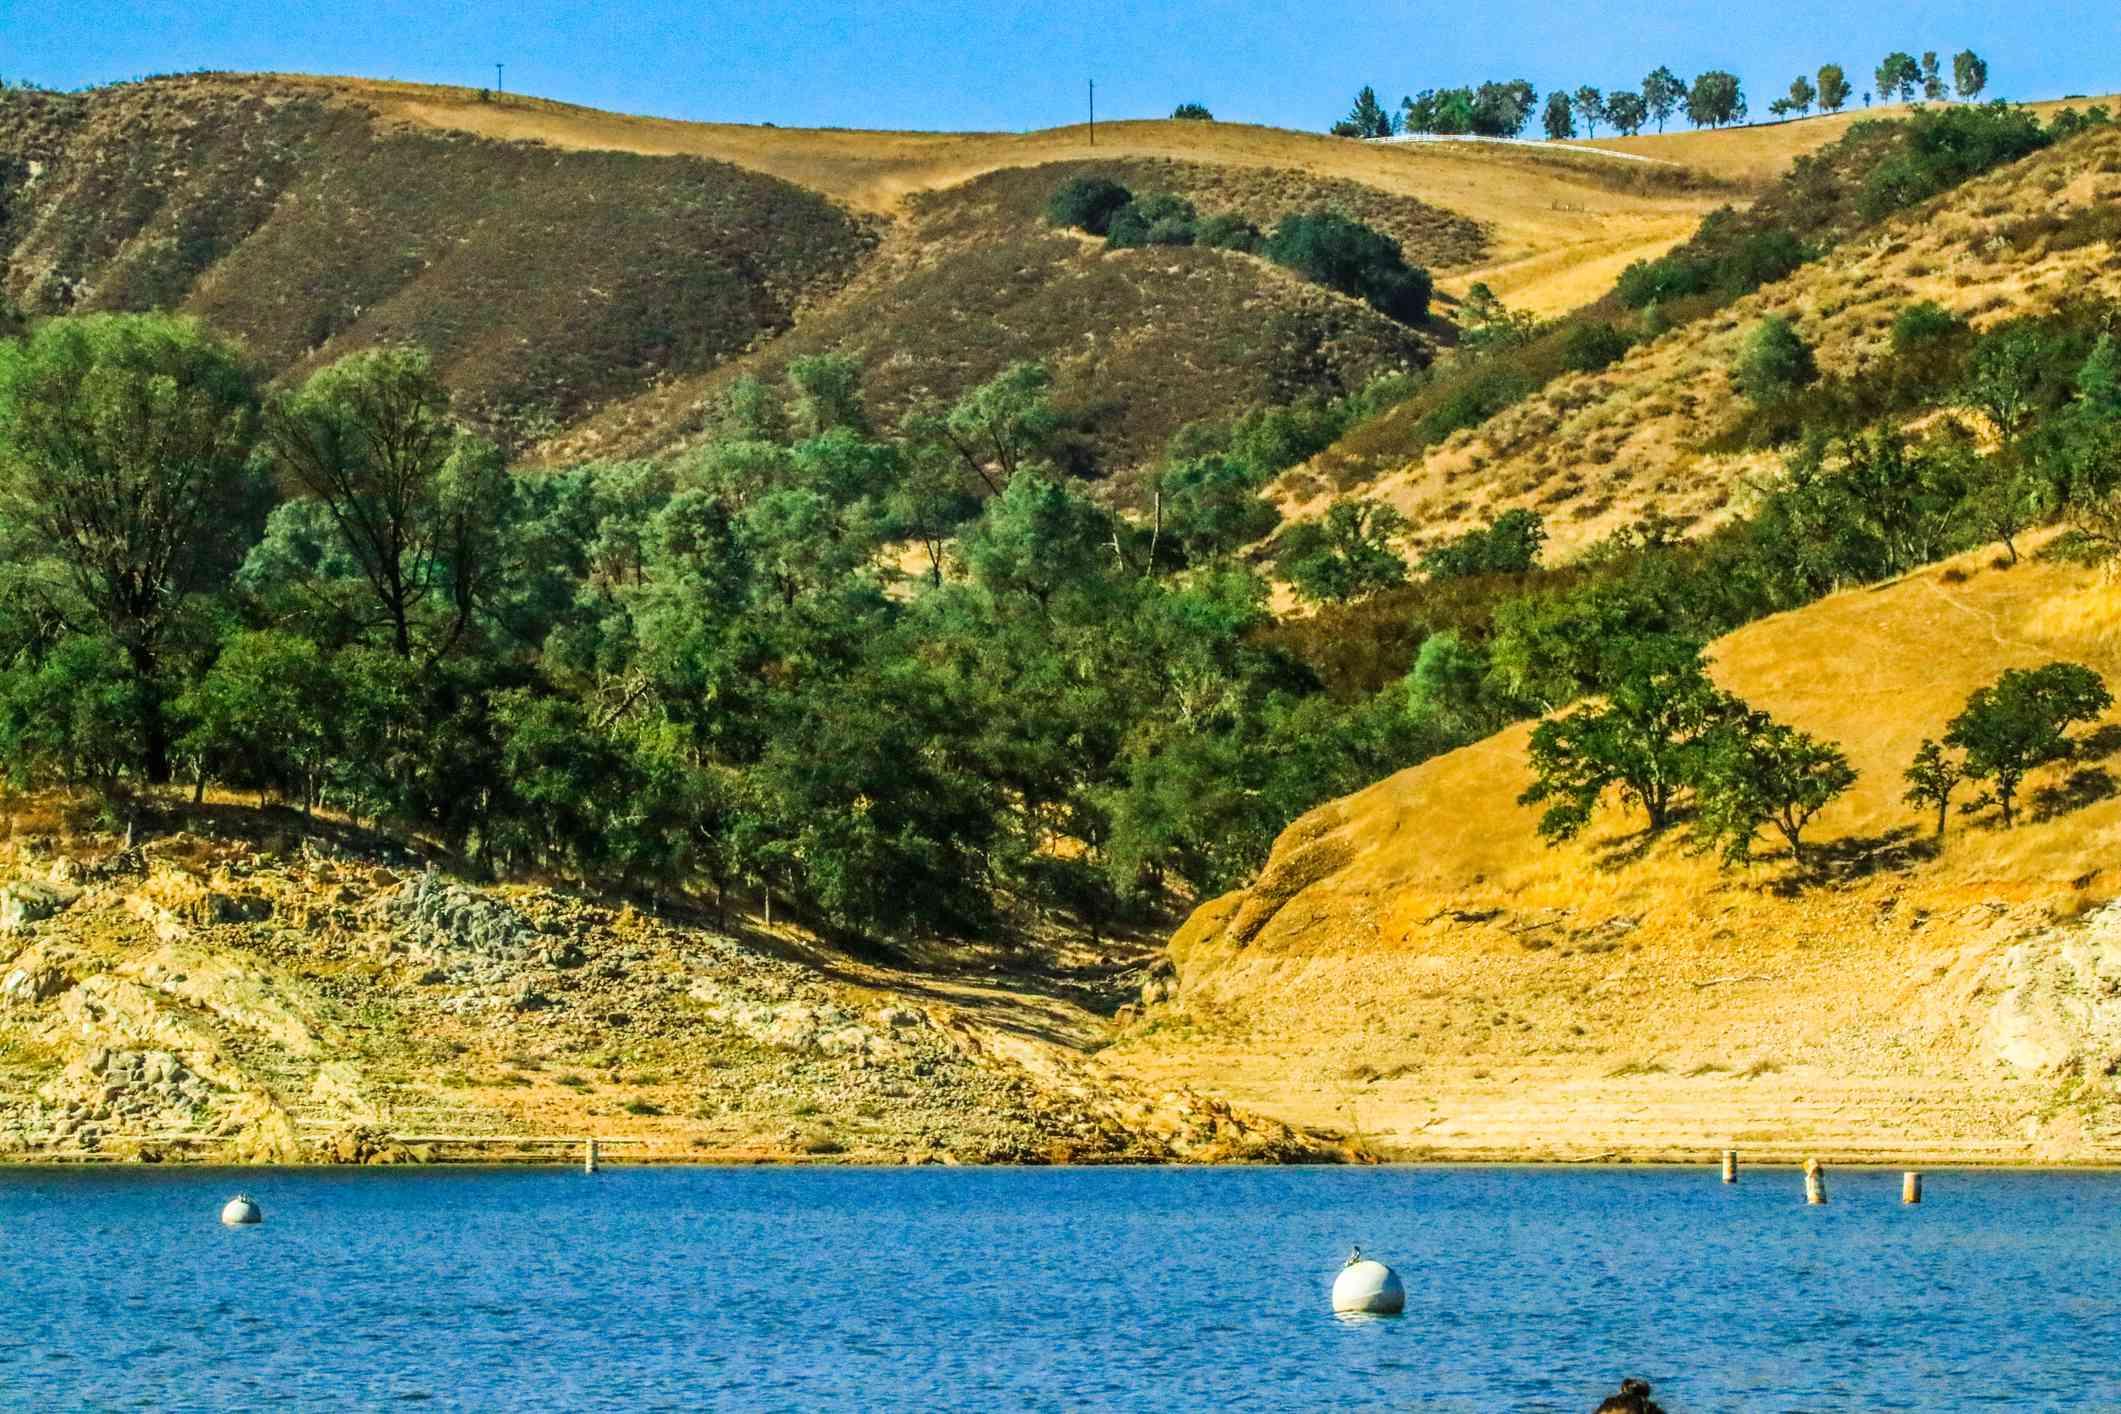 A late summer day at Lake Nacimiento